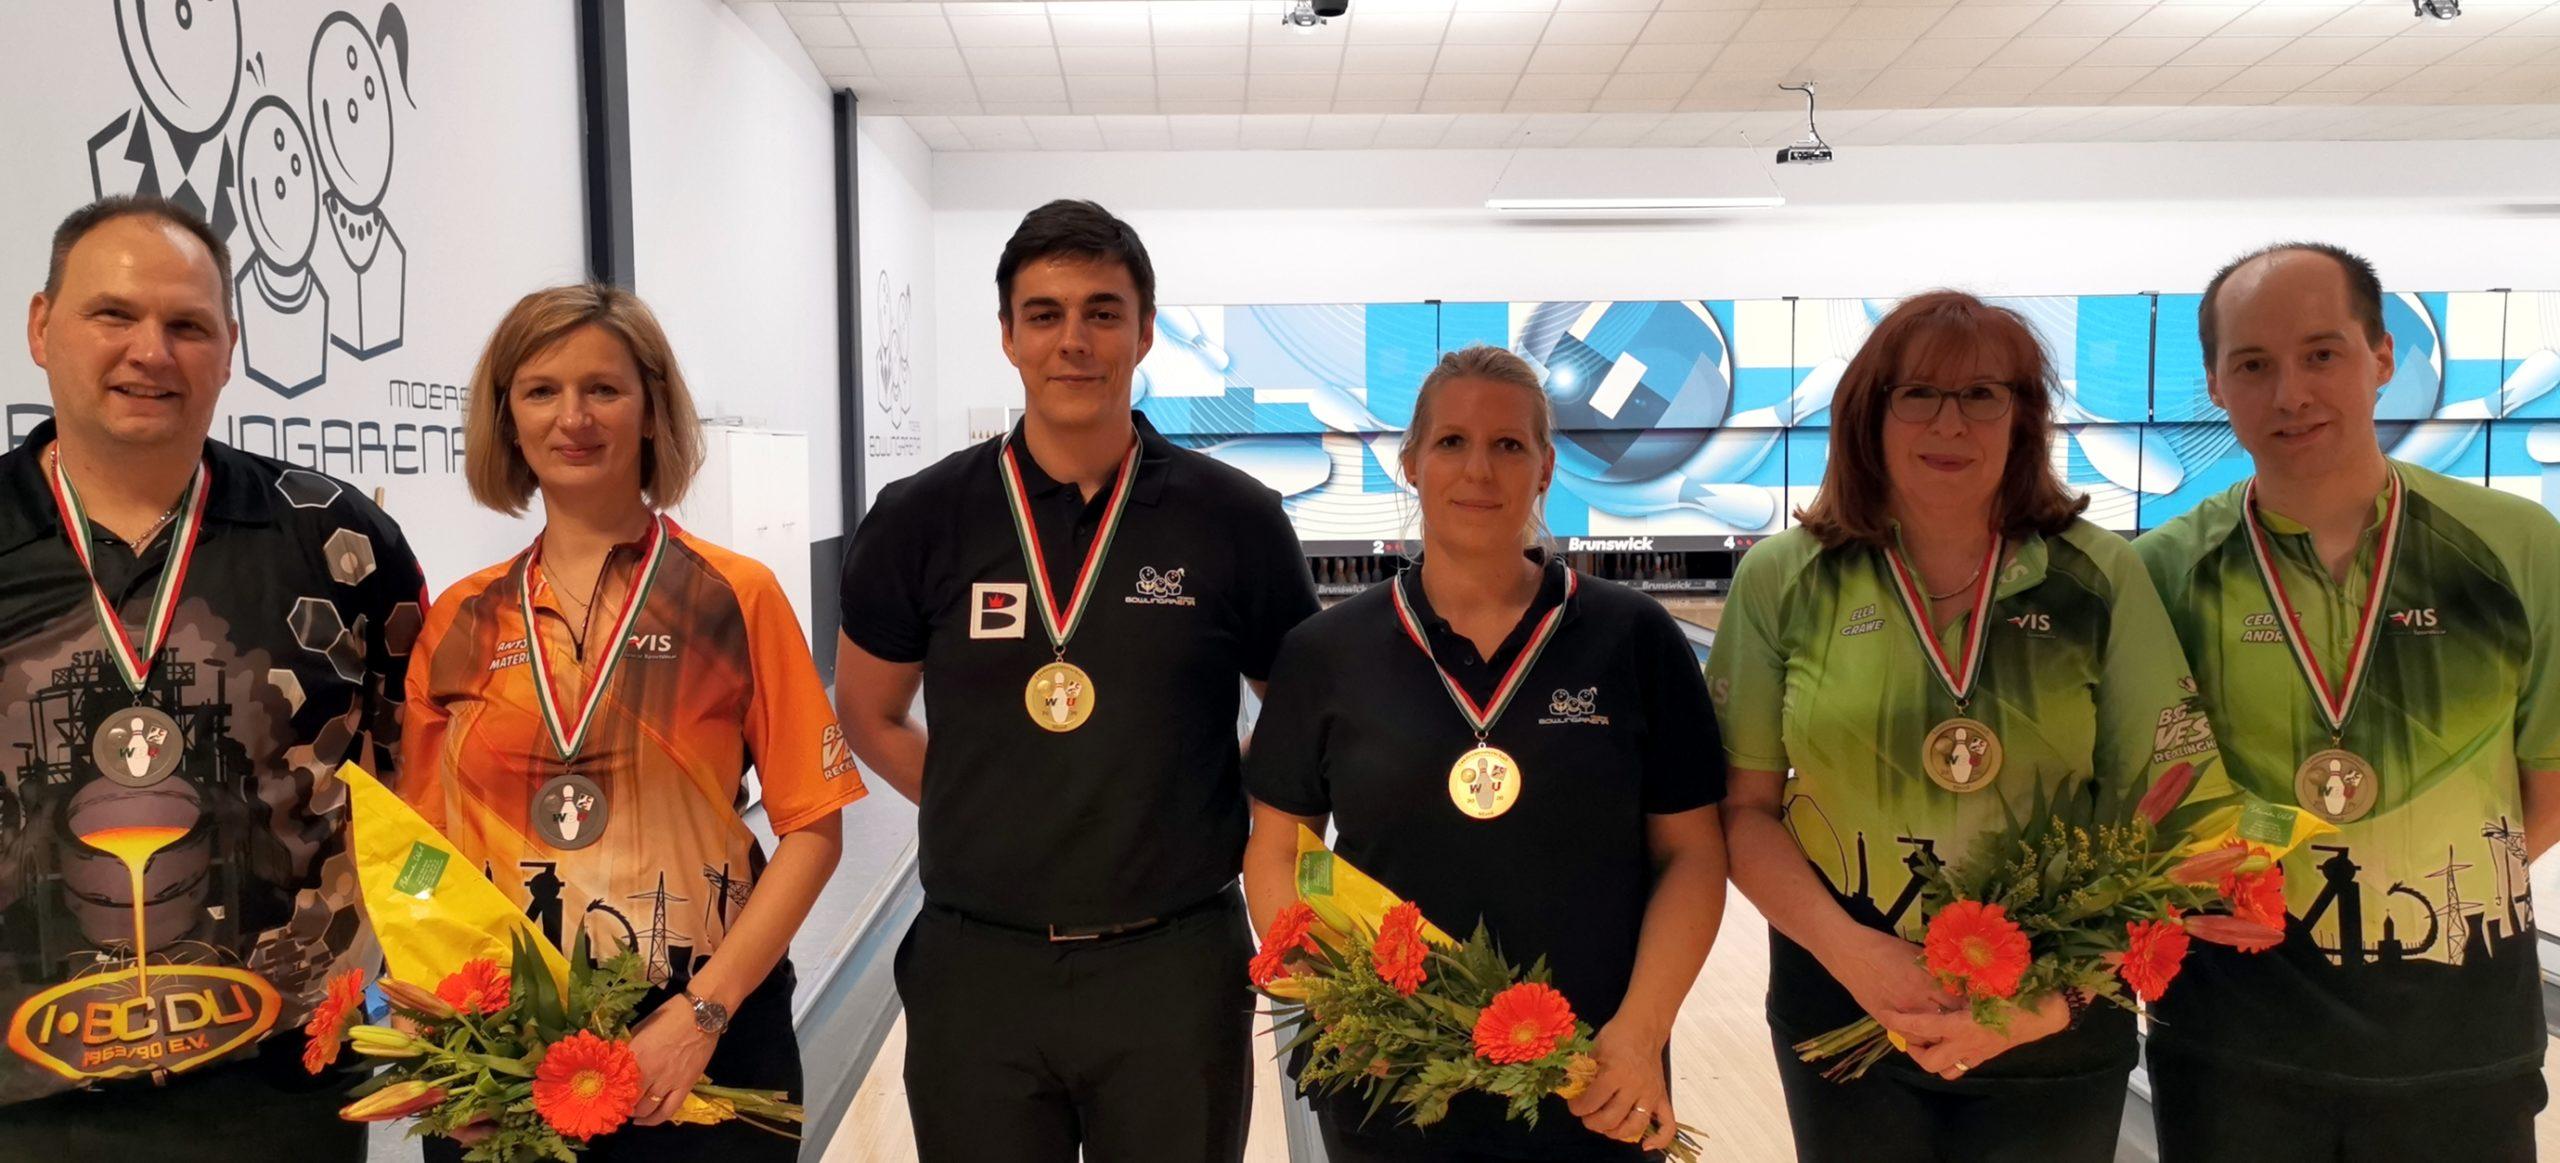 Kerstin Sielaff und Bastian Lange holen sich die Landesmeisterschaft im Mixed